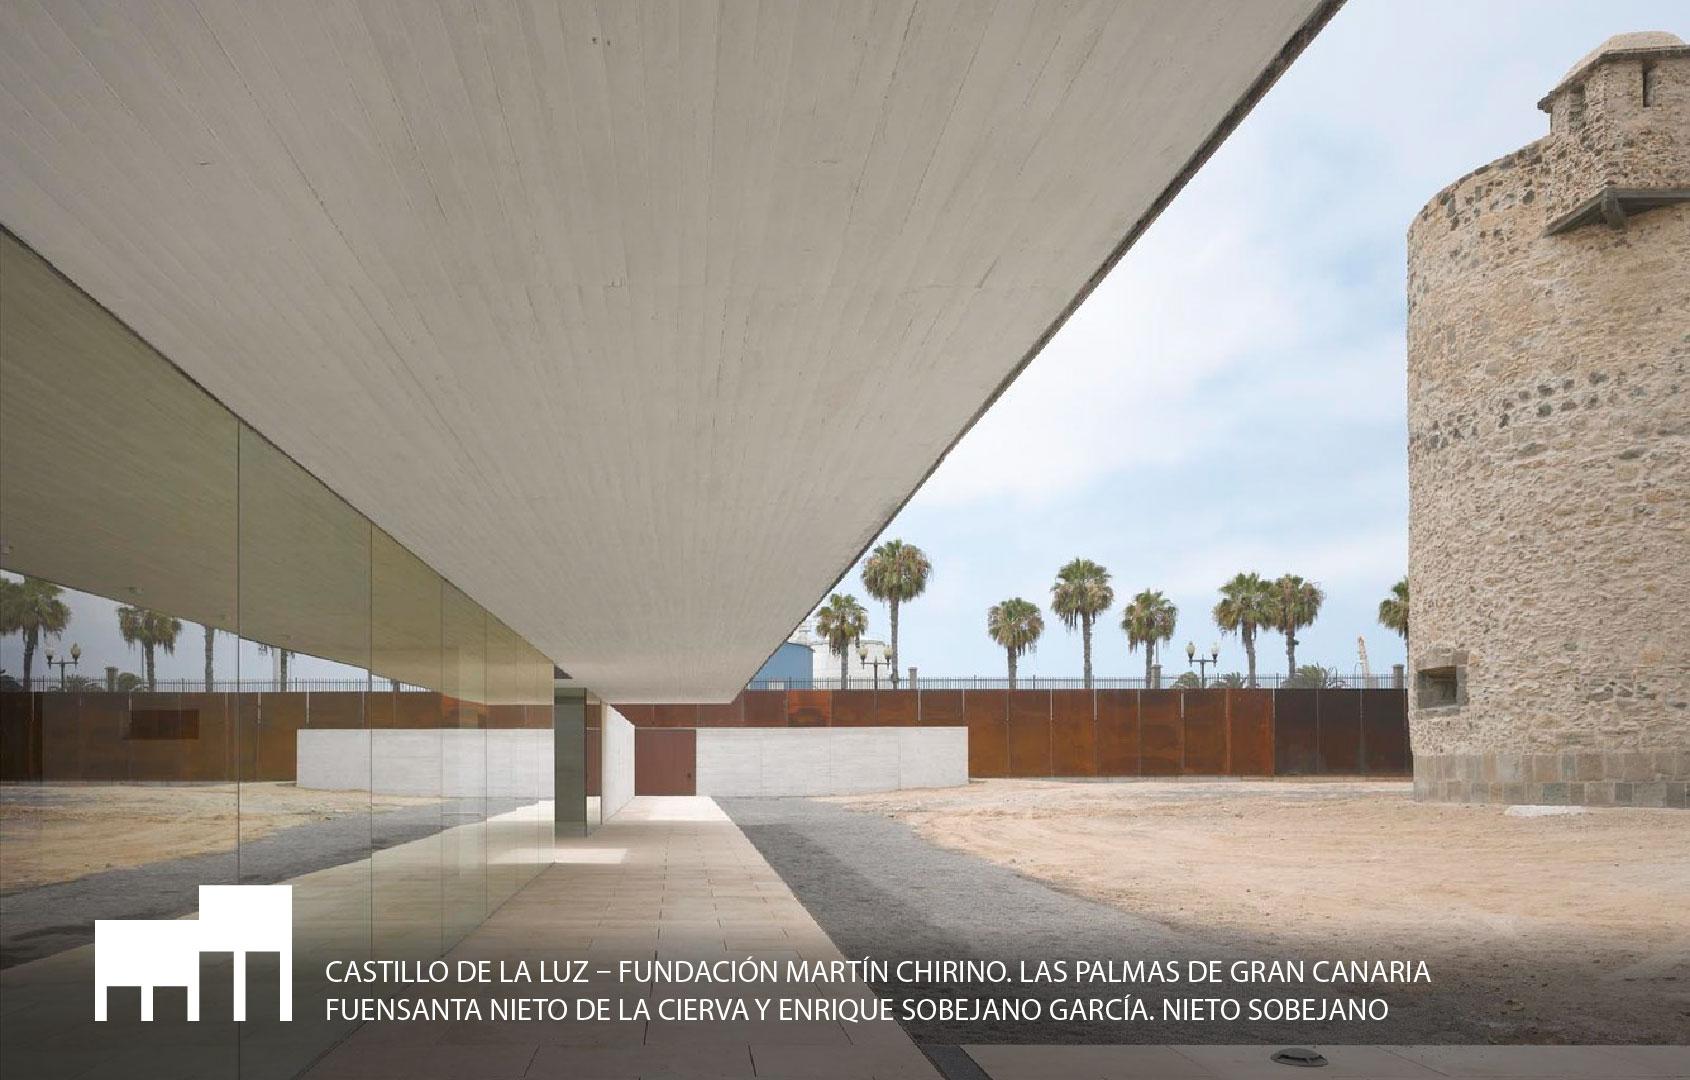 Castillo de la Luz – Fundación Martín Chirino